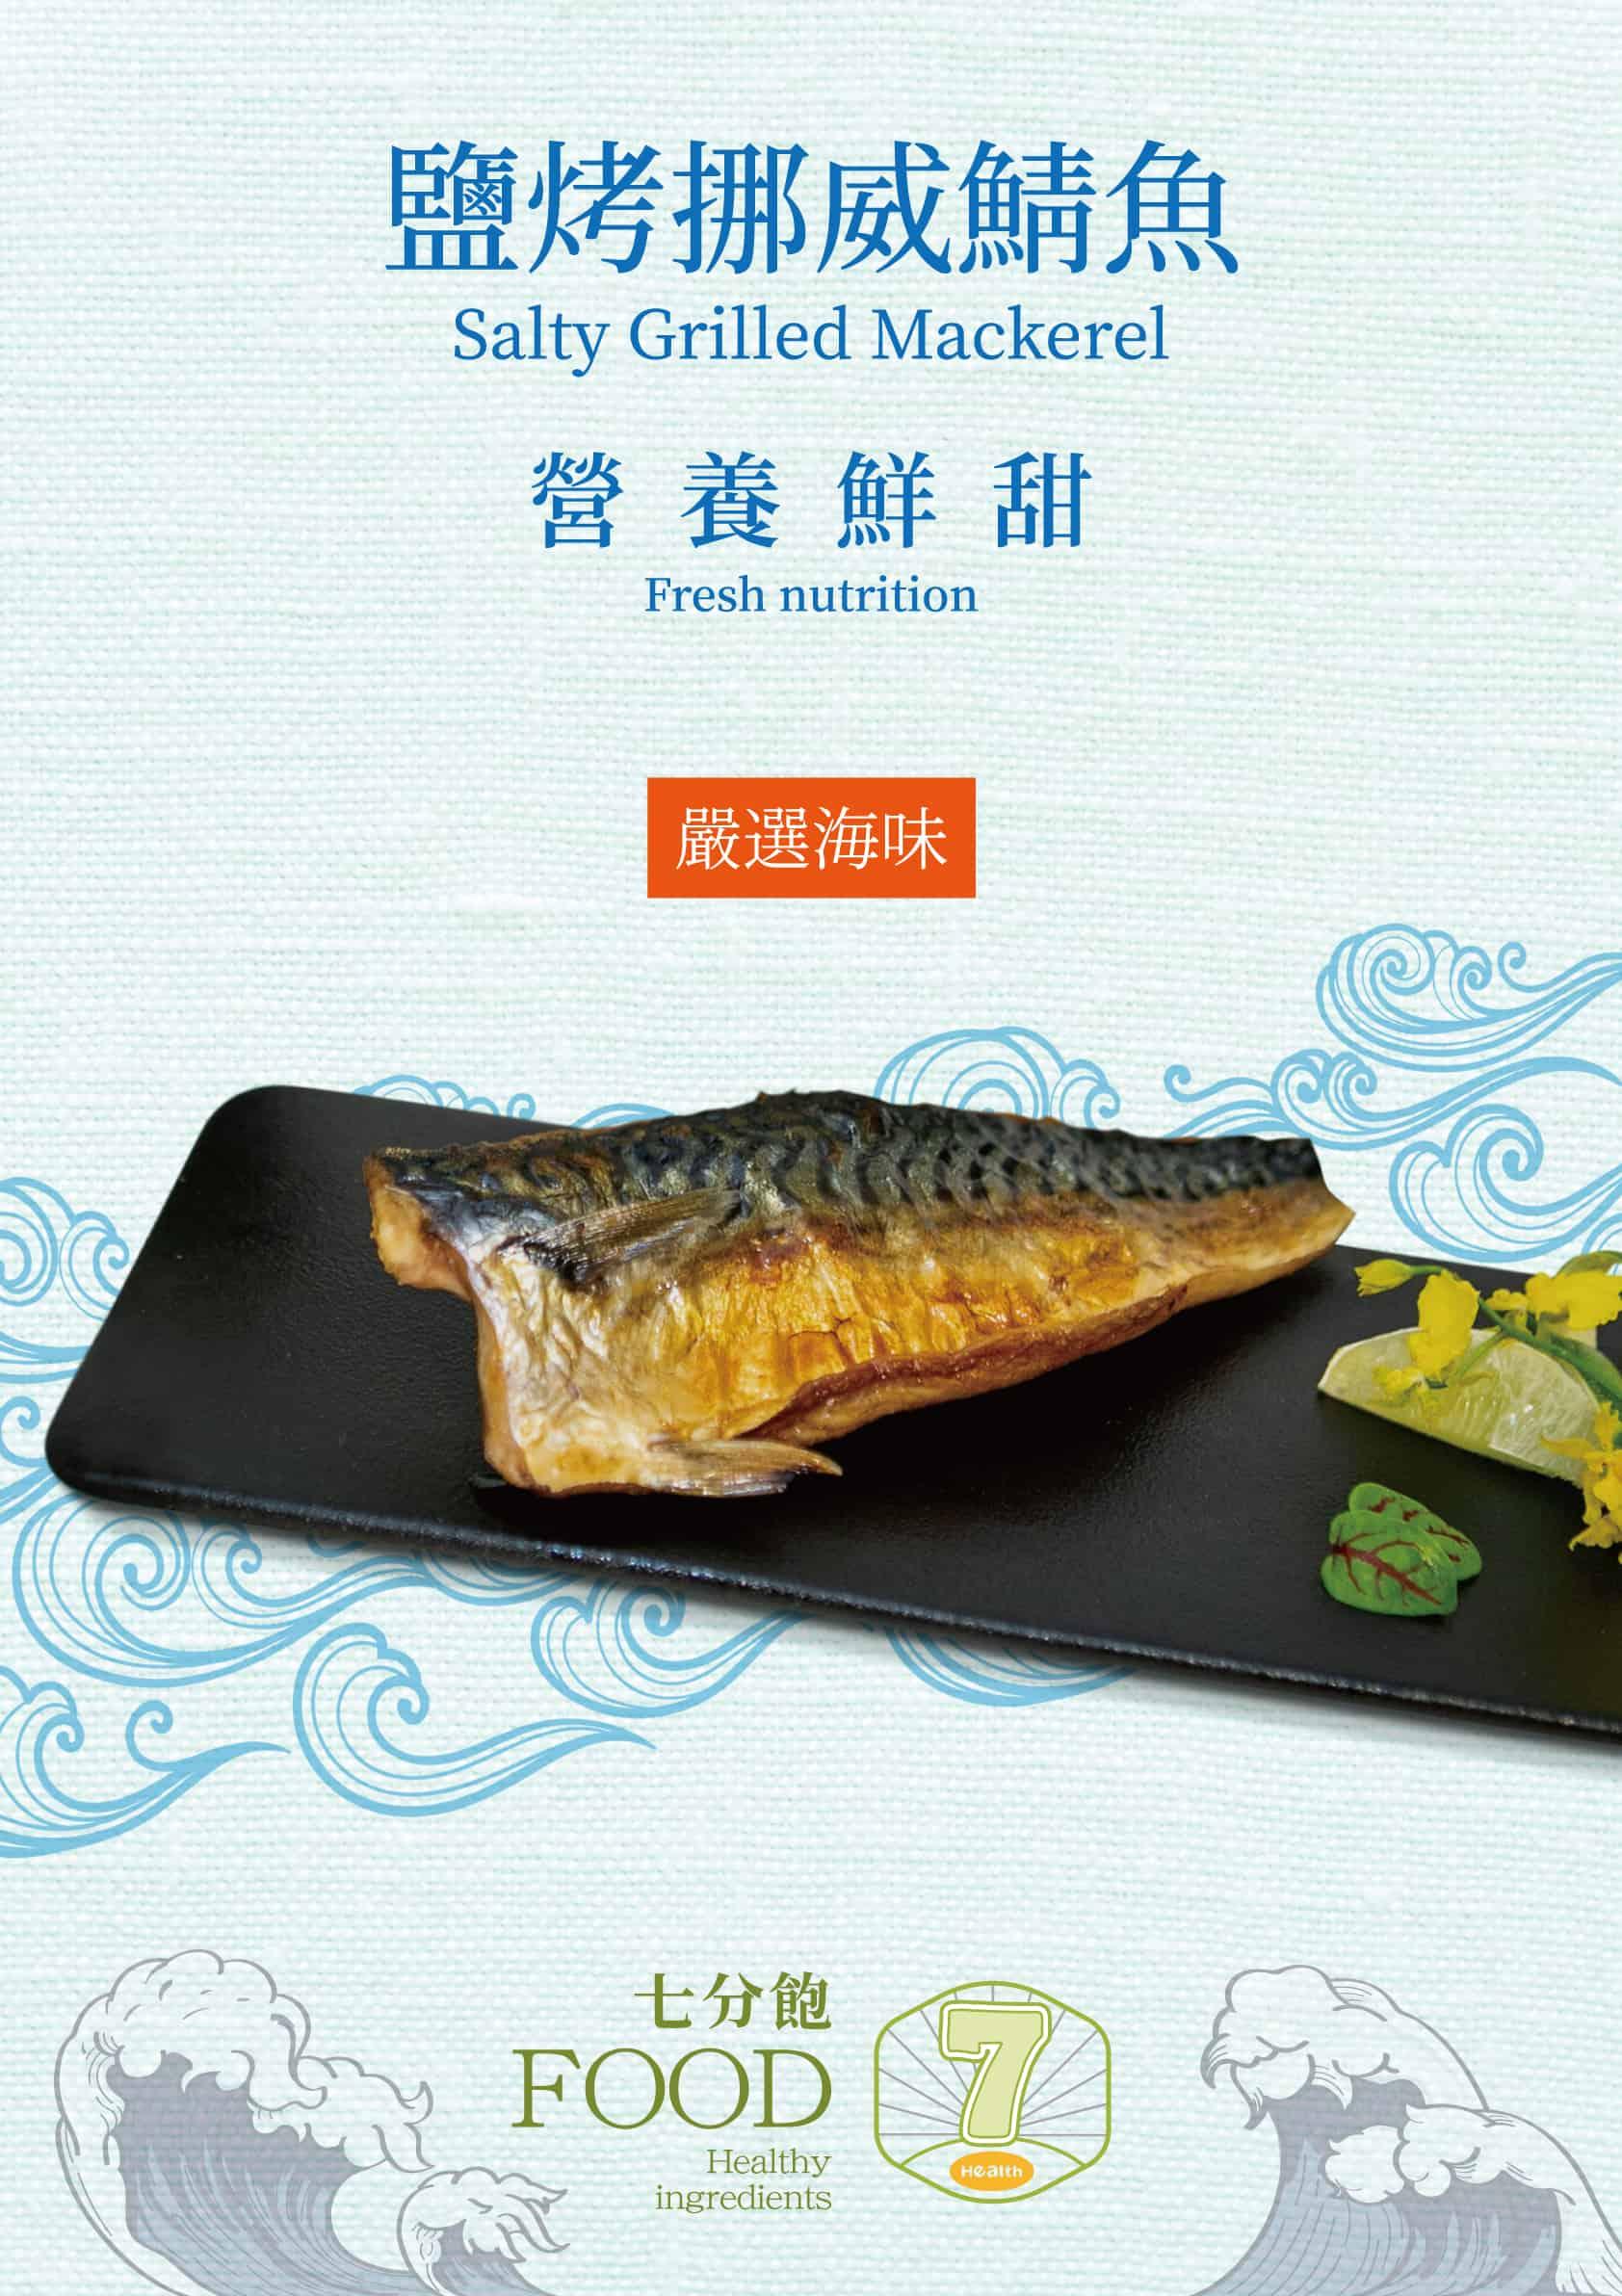 七分飽海報-烤魚